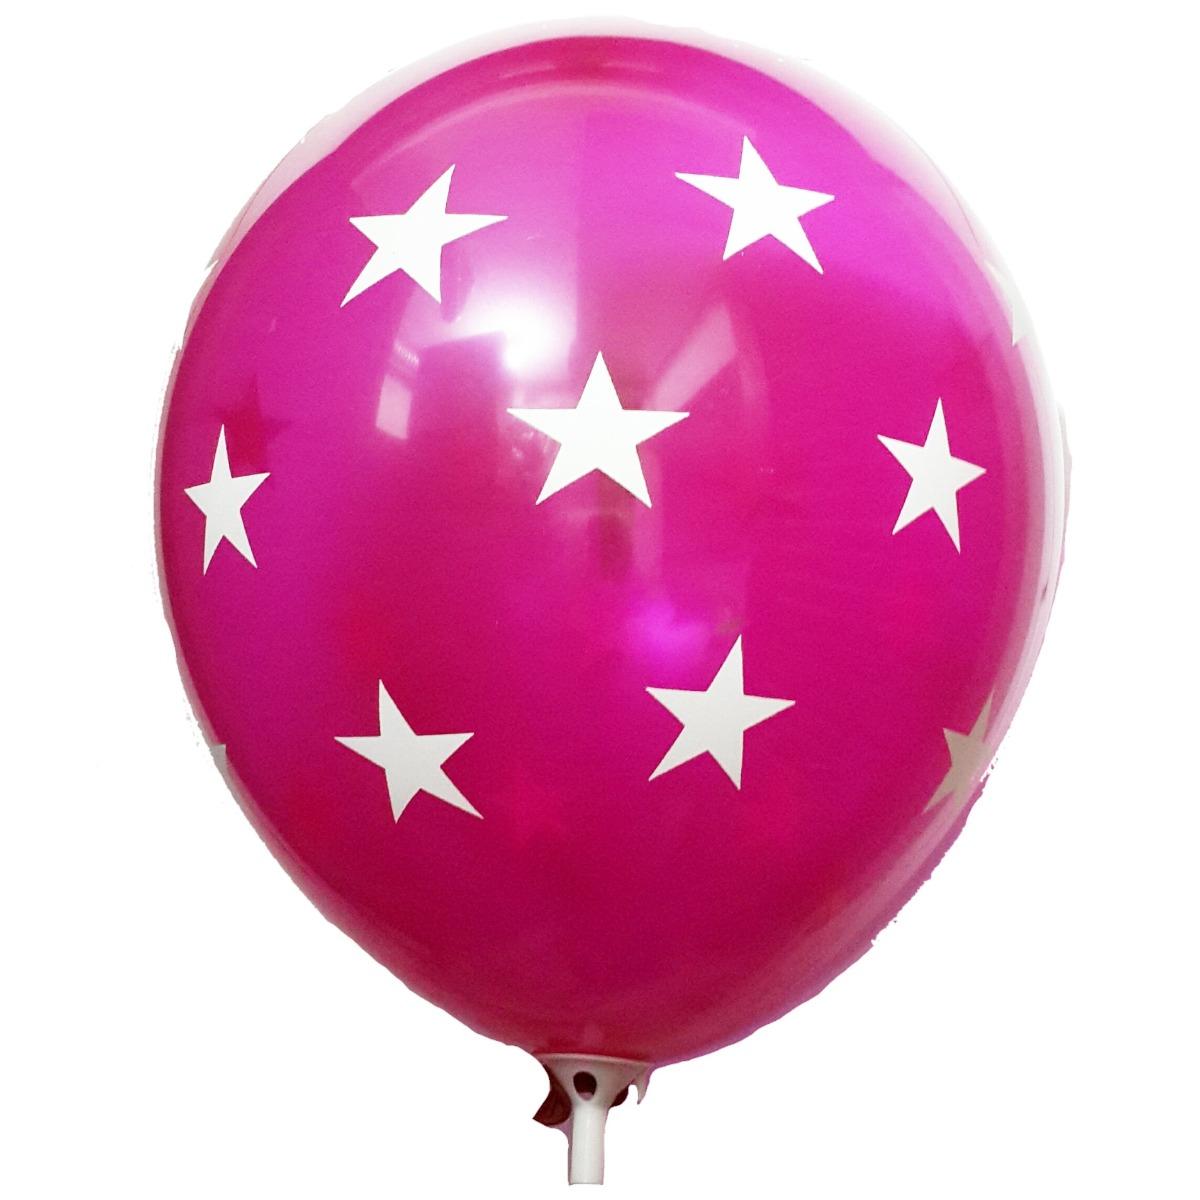 globos decorativos para fiestas con estrellas 6 unidades